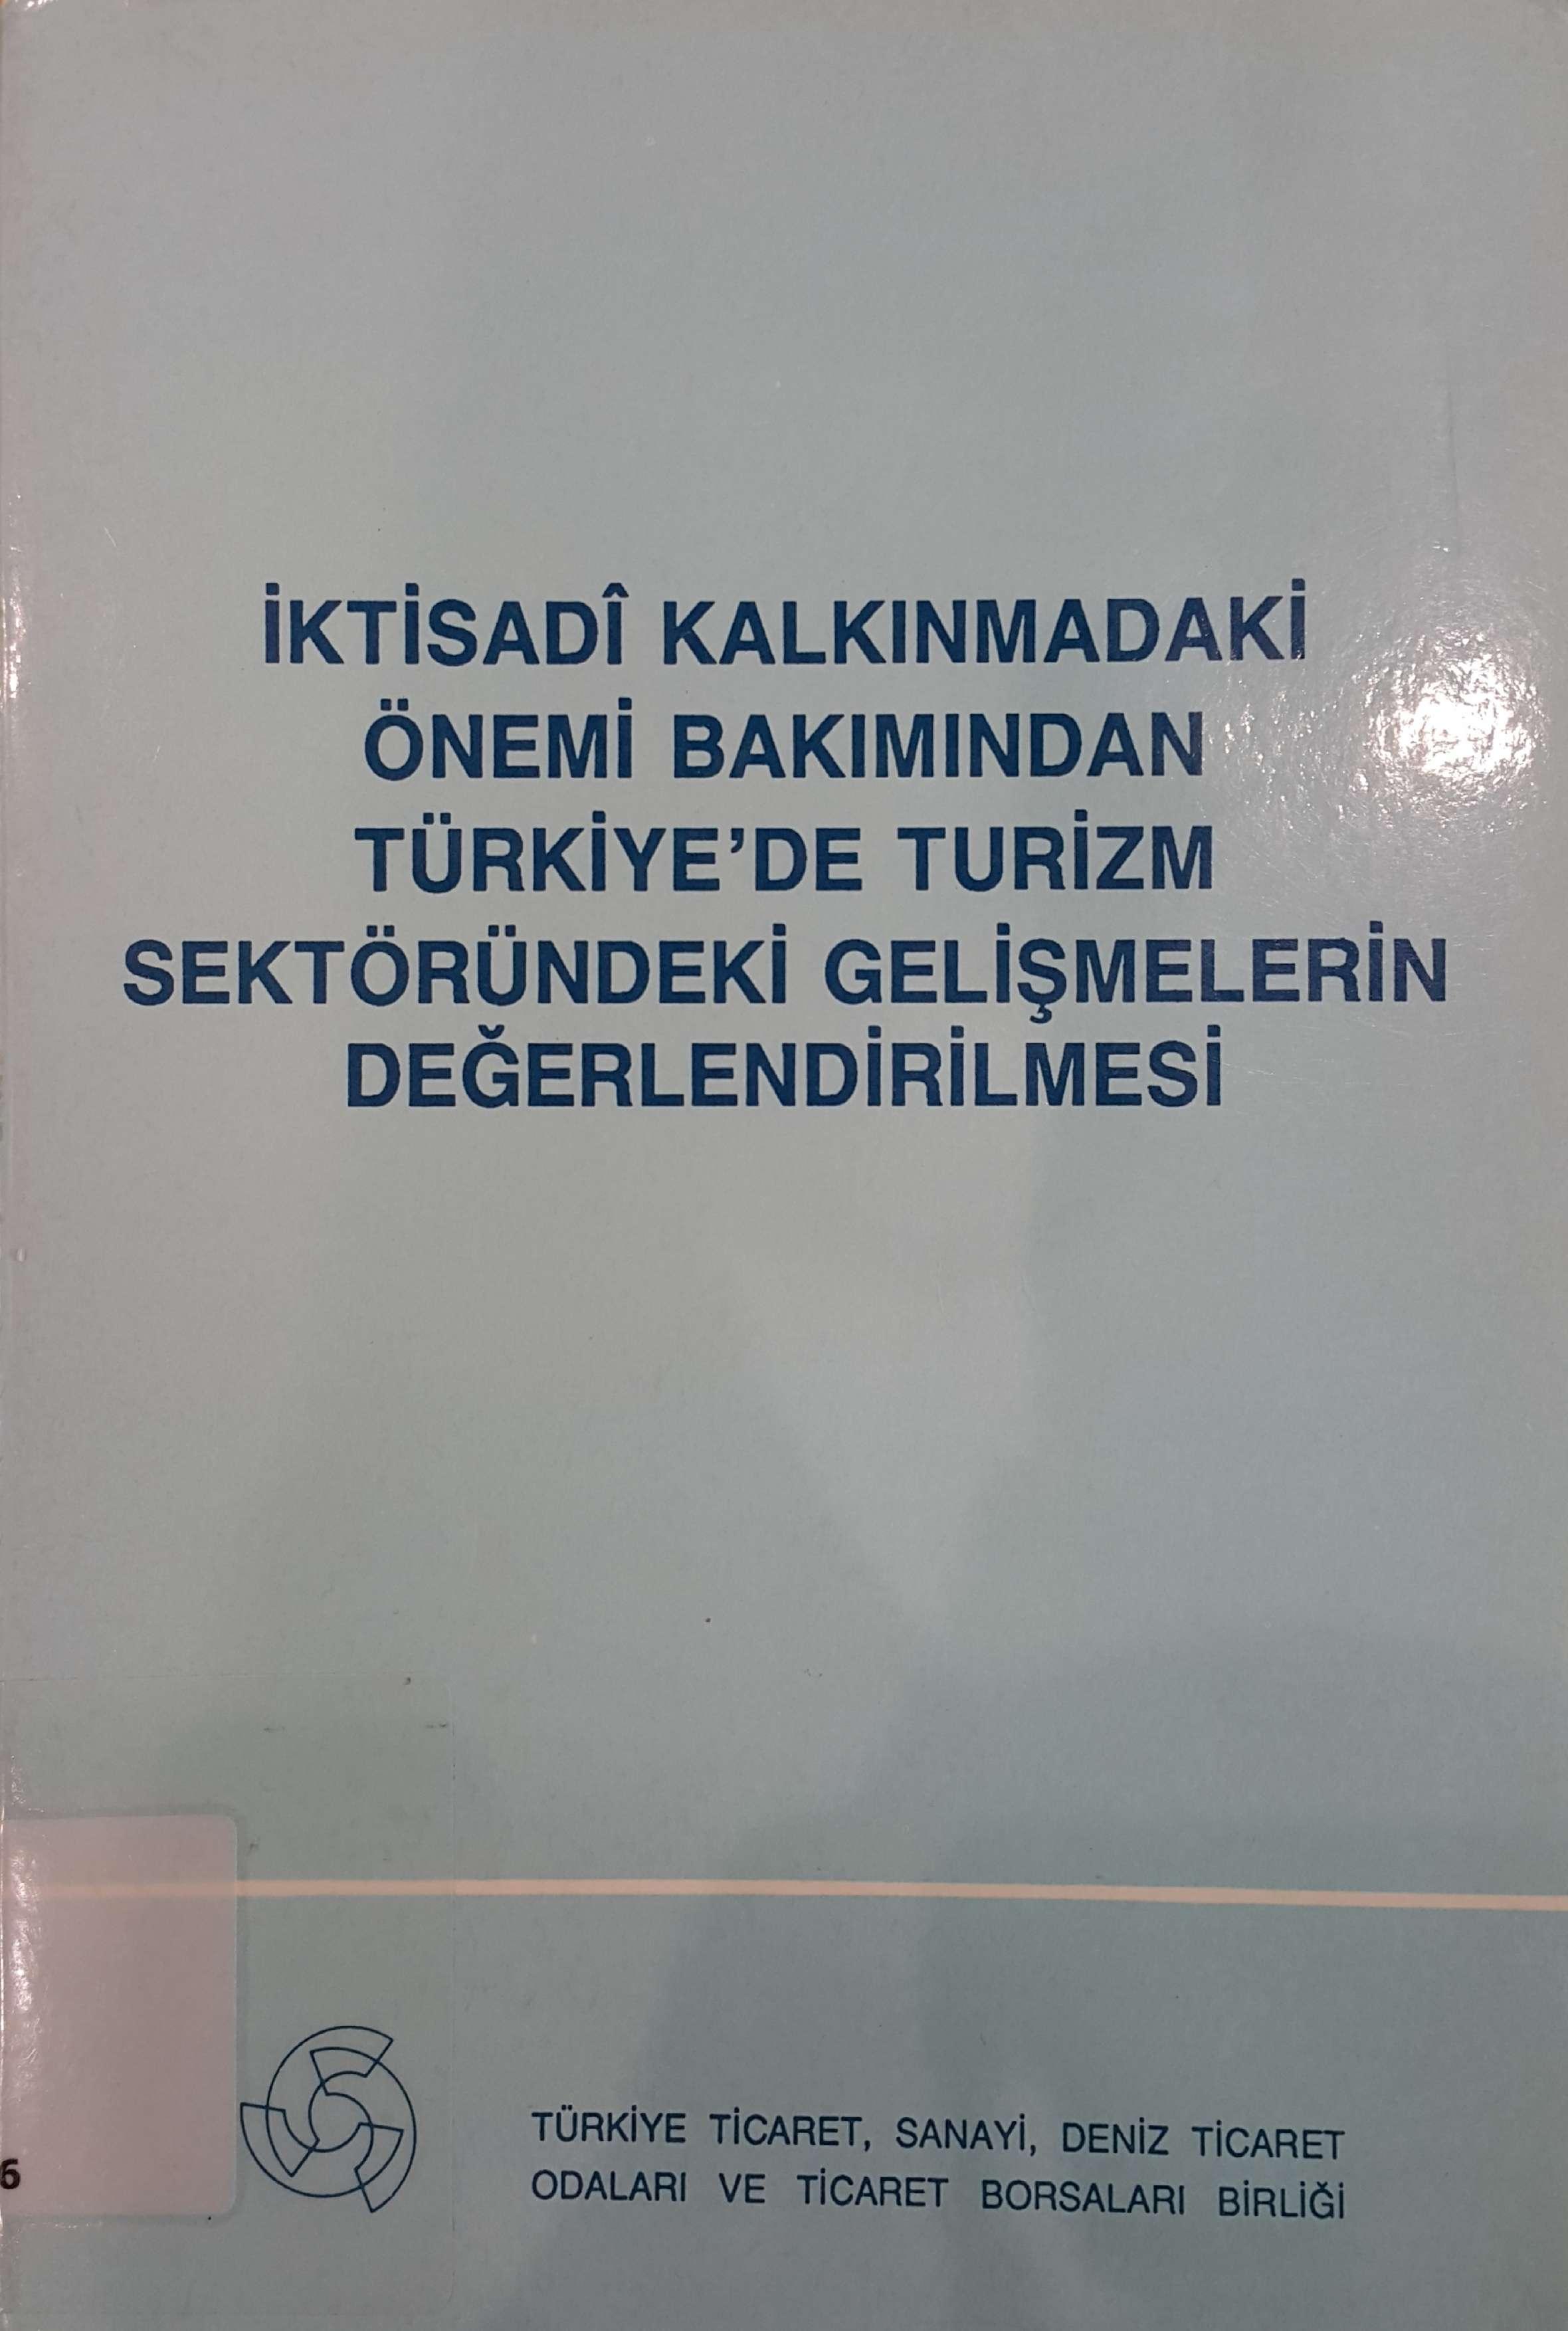 İktisadi Kalkınmadaki Önemi Bakımından Türkiye'de Turizm Sektöründeki Gelişmelerin Değerlendirilmesi Kitap Kapağı